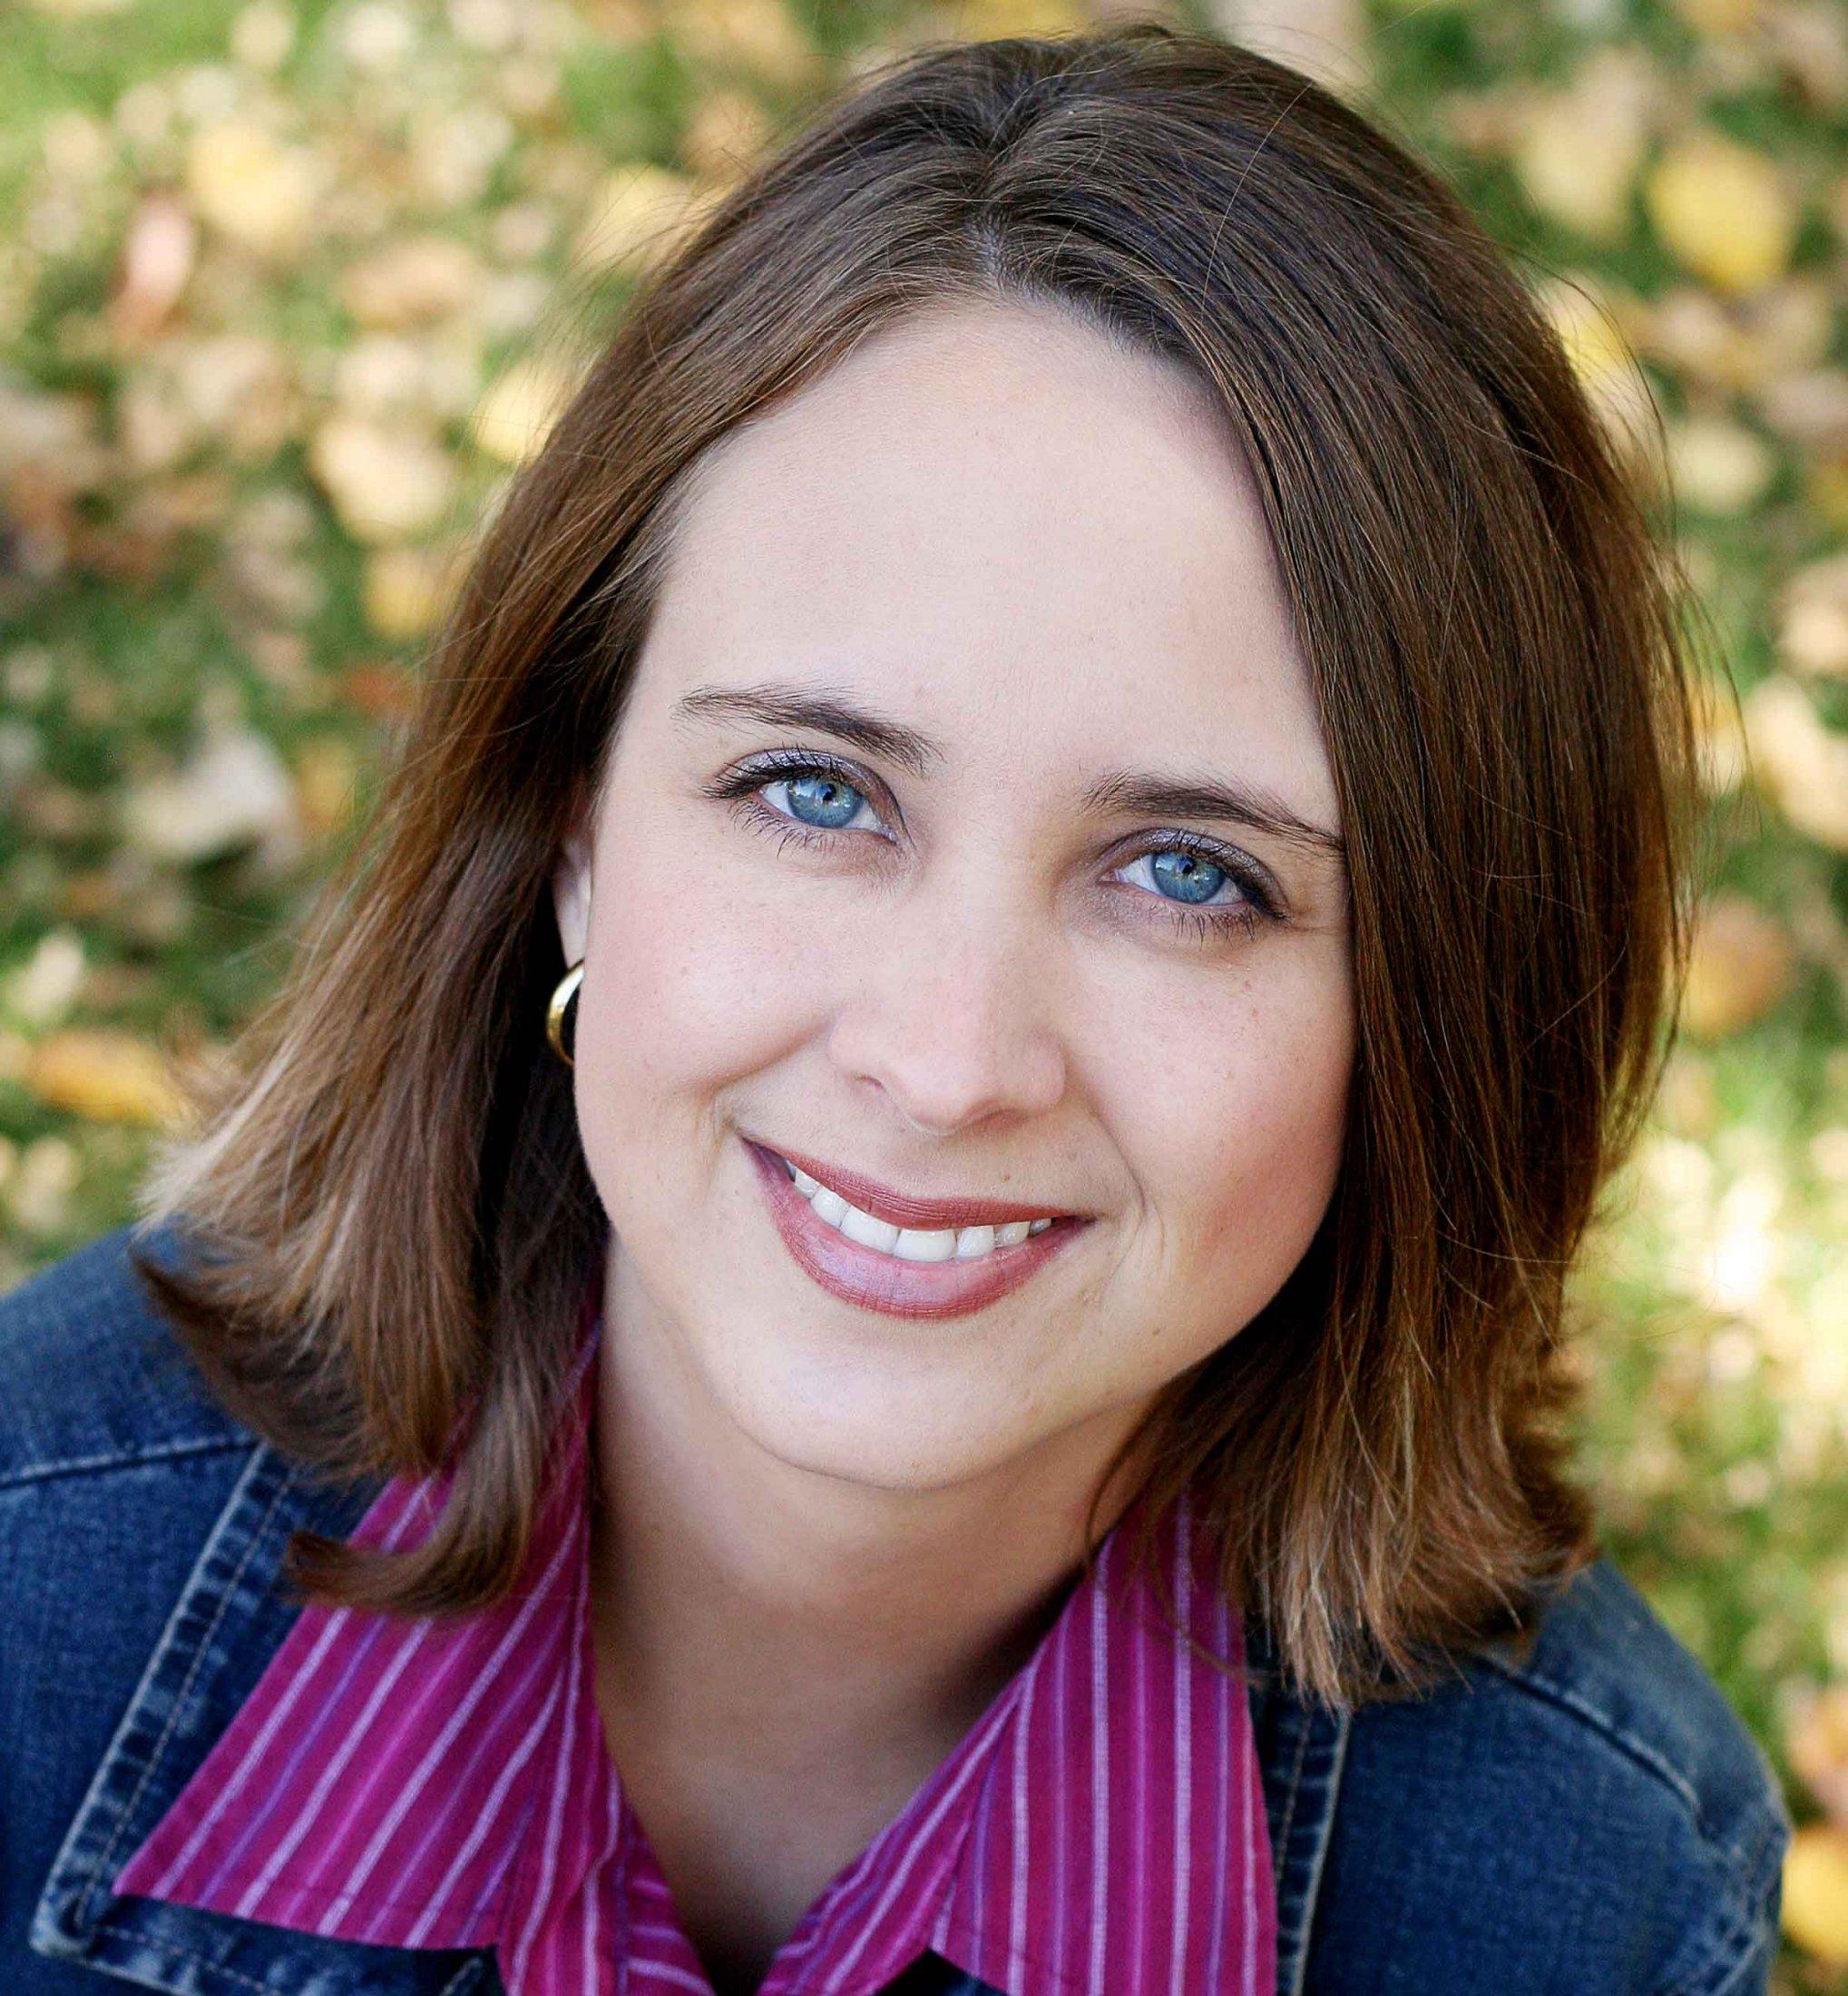 Sara Lyn Baril